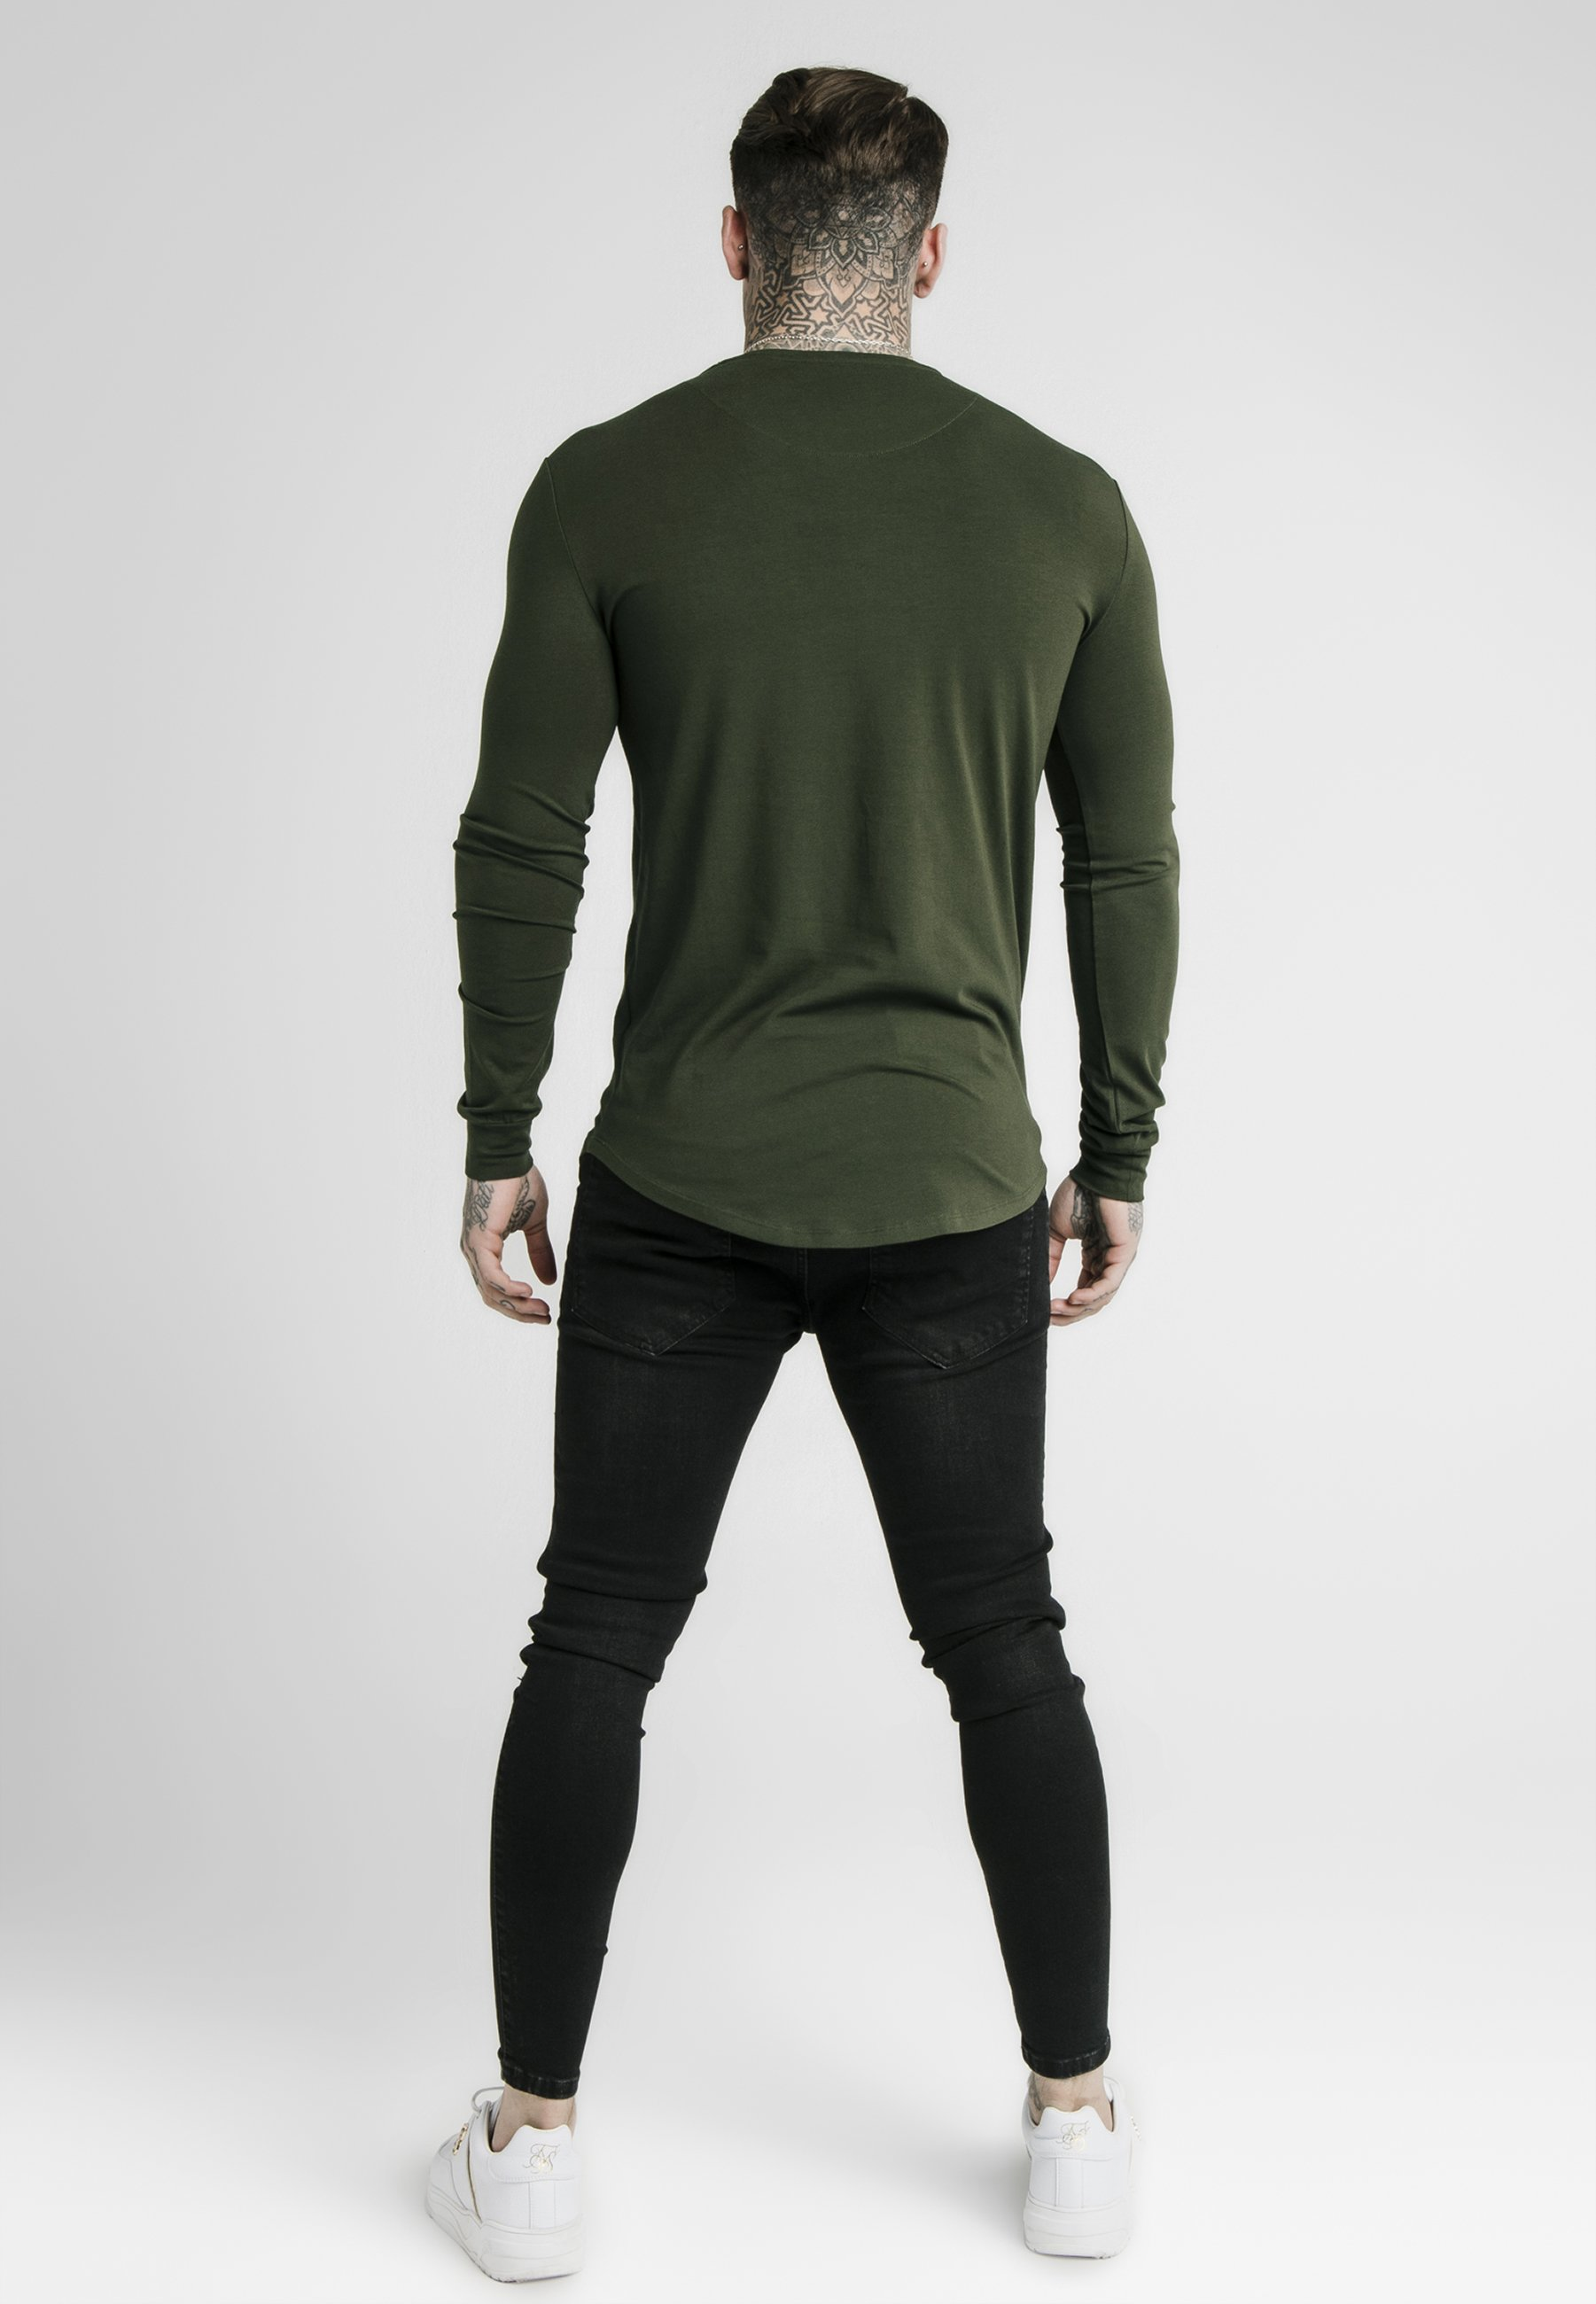 Siksilk Manches Gym Long Longues shirt À TeeT Khaki Sleeve UVpSMGqz